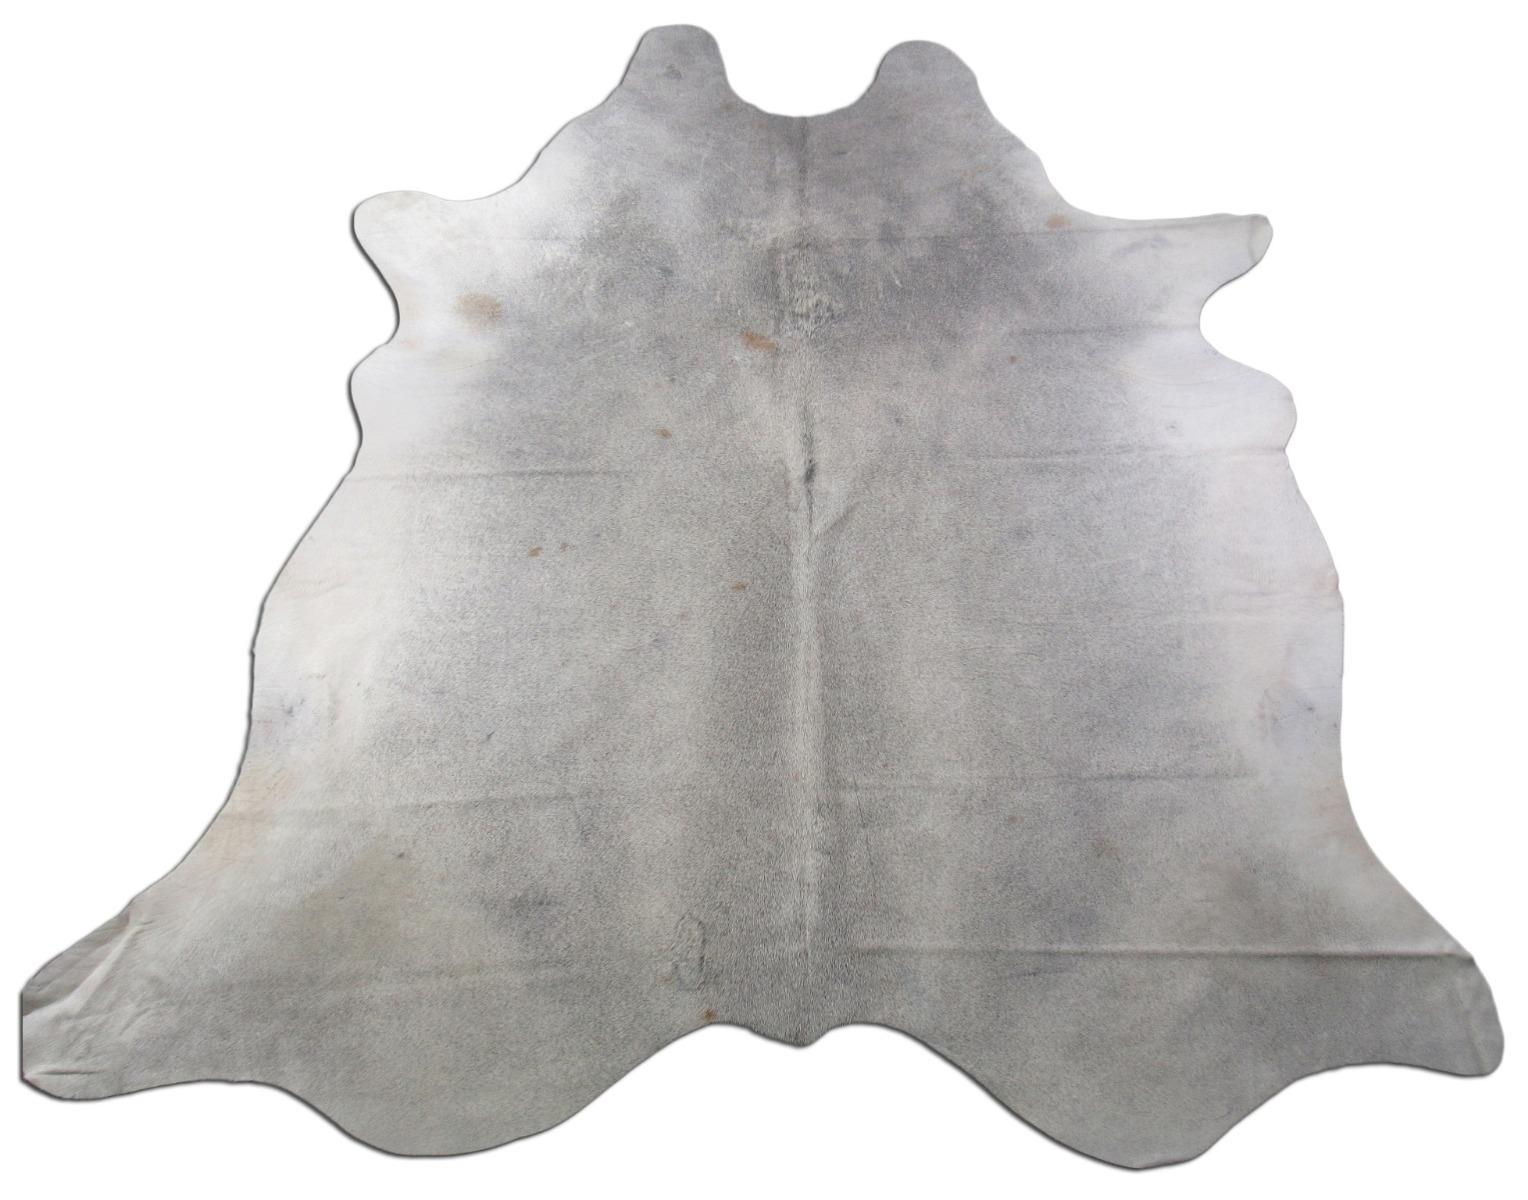 A-1453 Grey Cowhide Rug Size: 8' X 7'